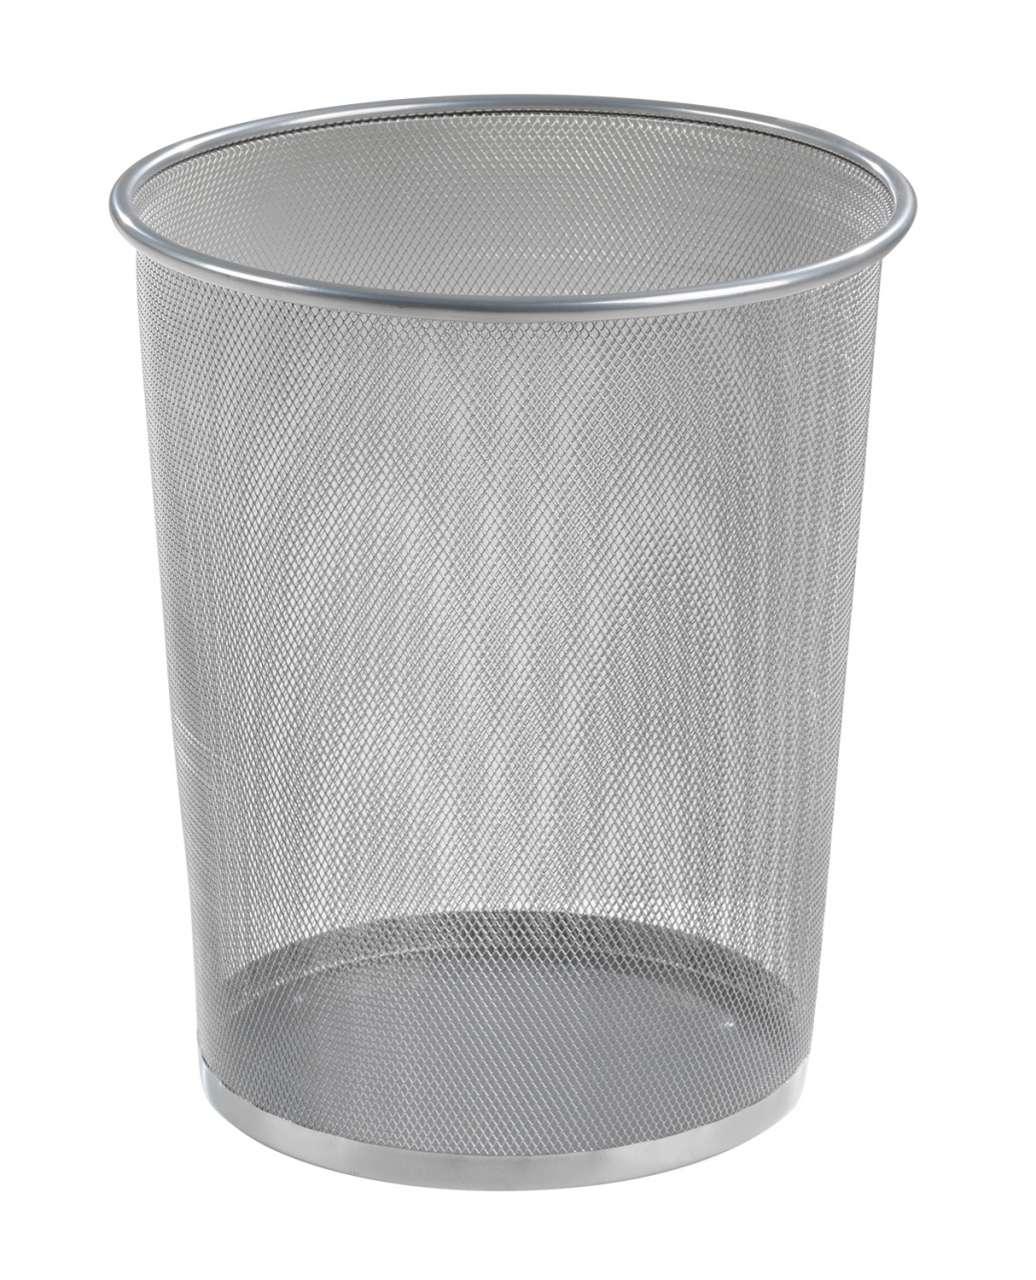 moebel-jack.de Papierkorb Mülleimer JACOB, Metallgeflecht Silber, Höhe 35,5, 10 Liter